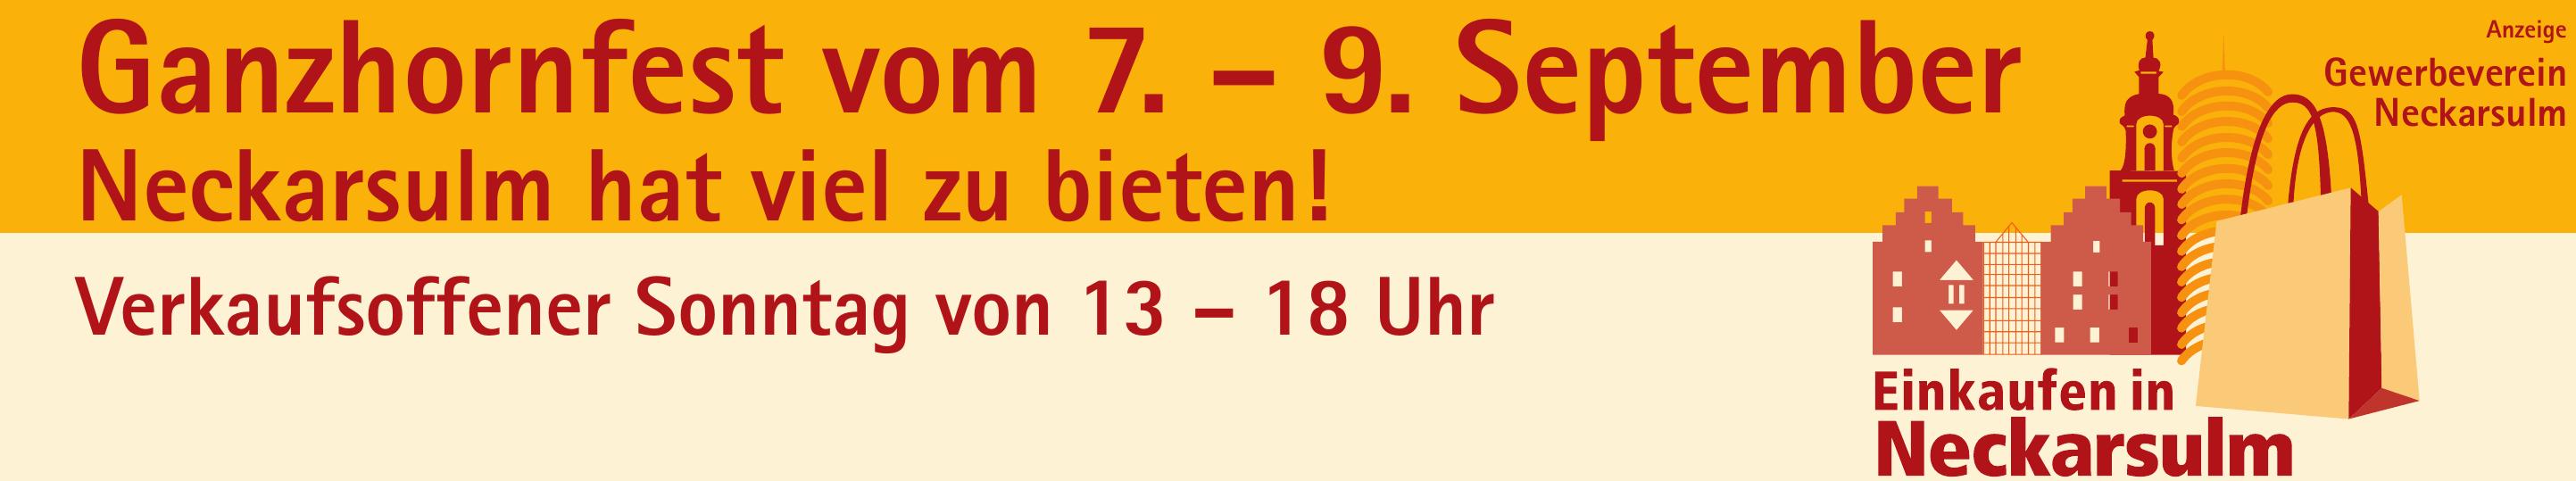 Ganzhornfest vom 7. – 9. September Image 1